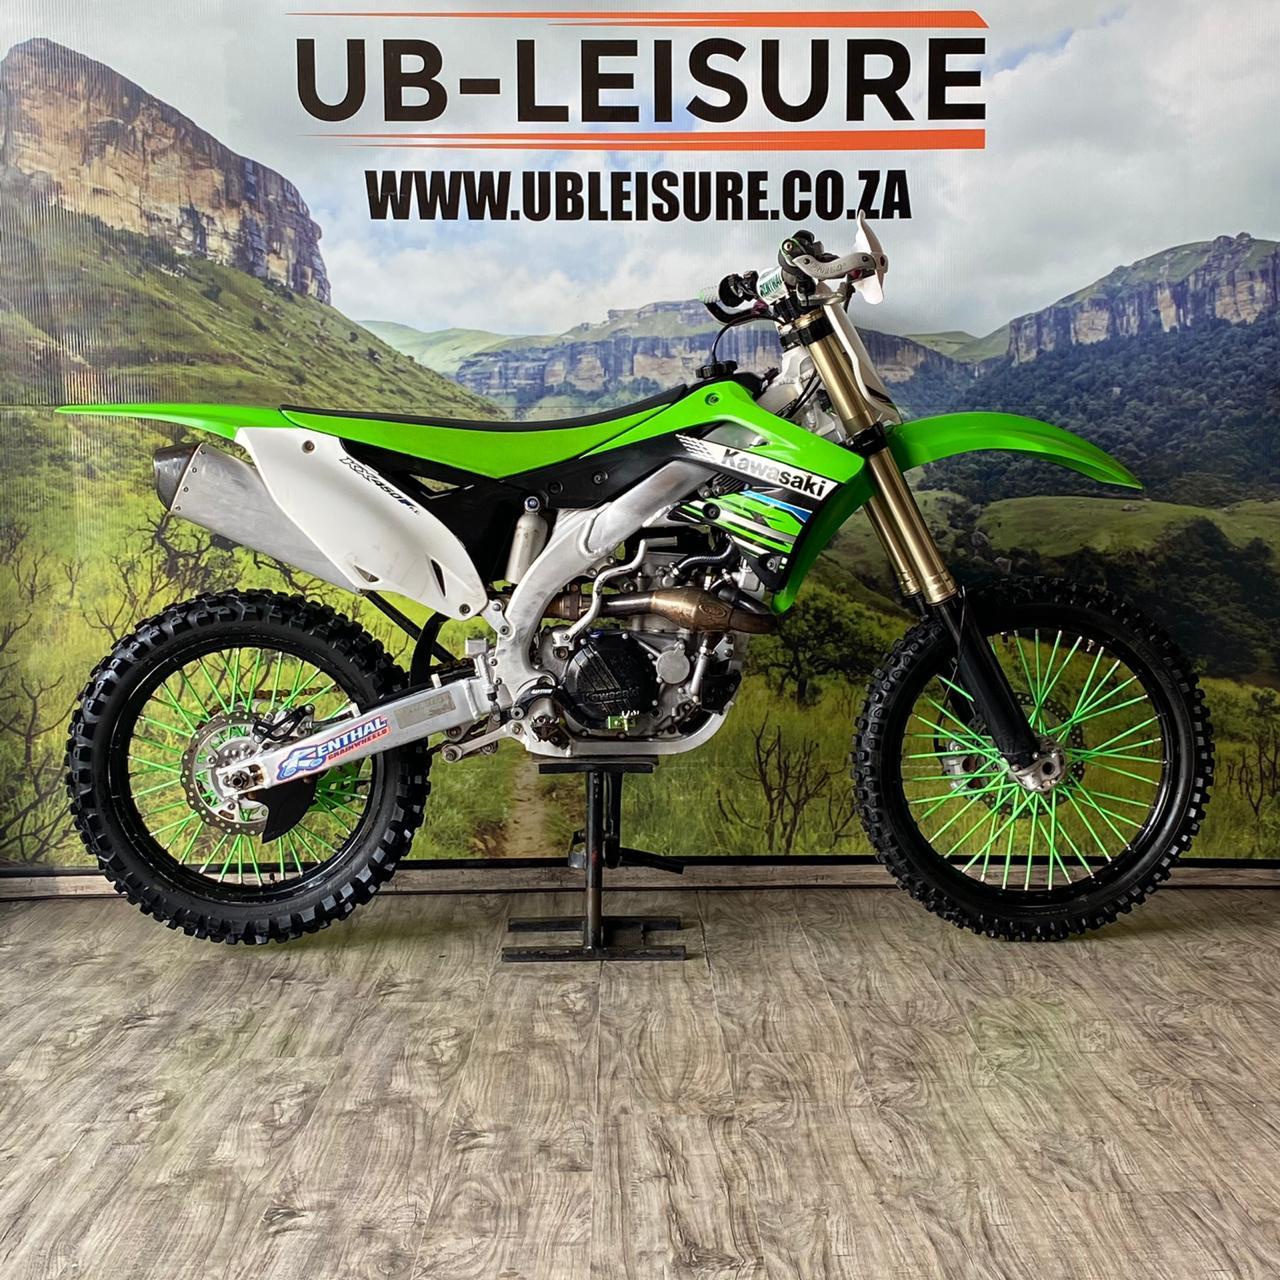 2012 Kawasaki KX